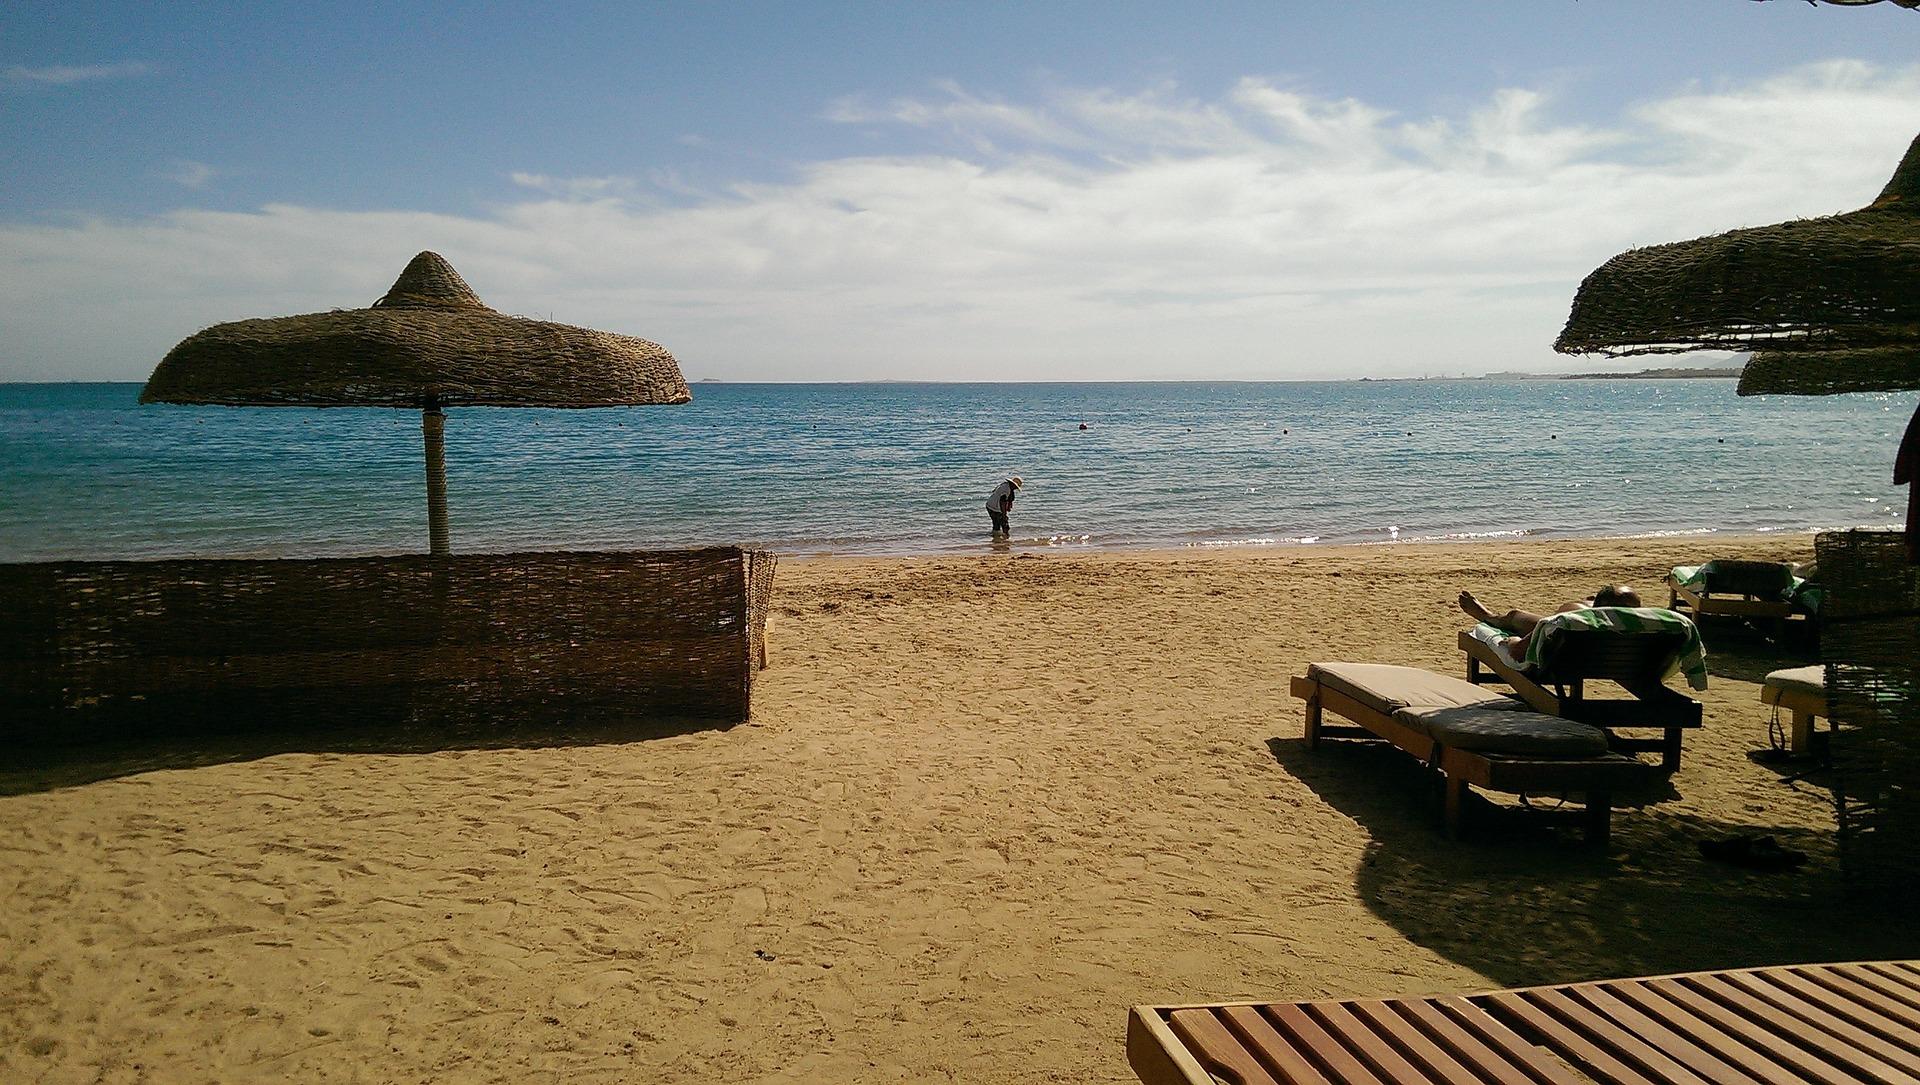 Hoteleigener Strand Urlaub im Grand Resort Hurghada eine Woche günstig ab 285,00€